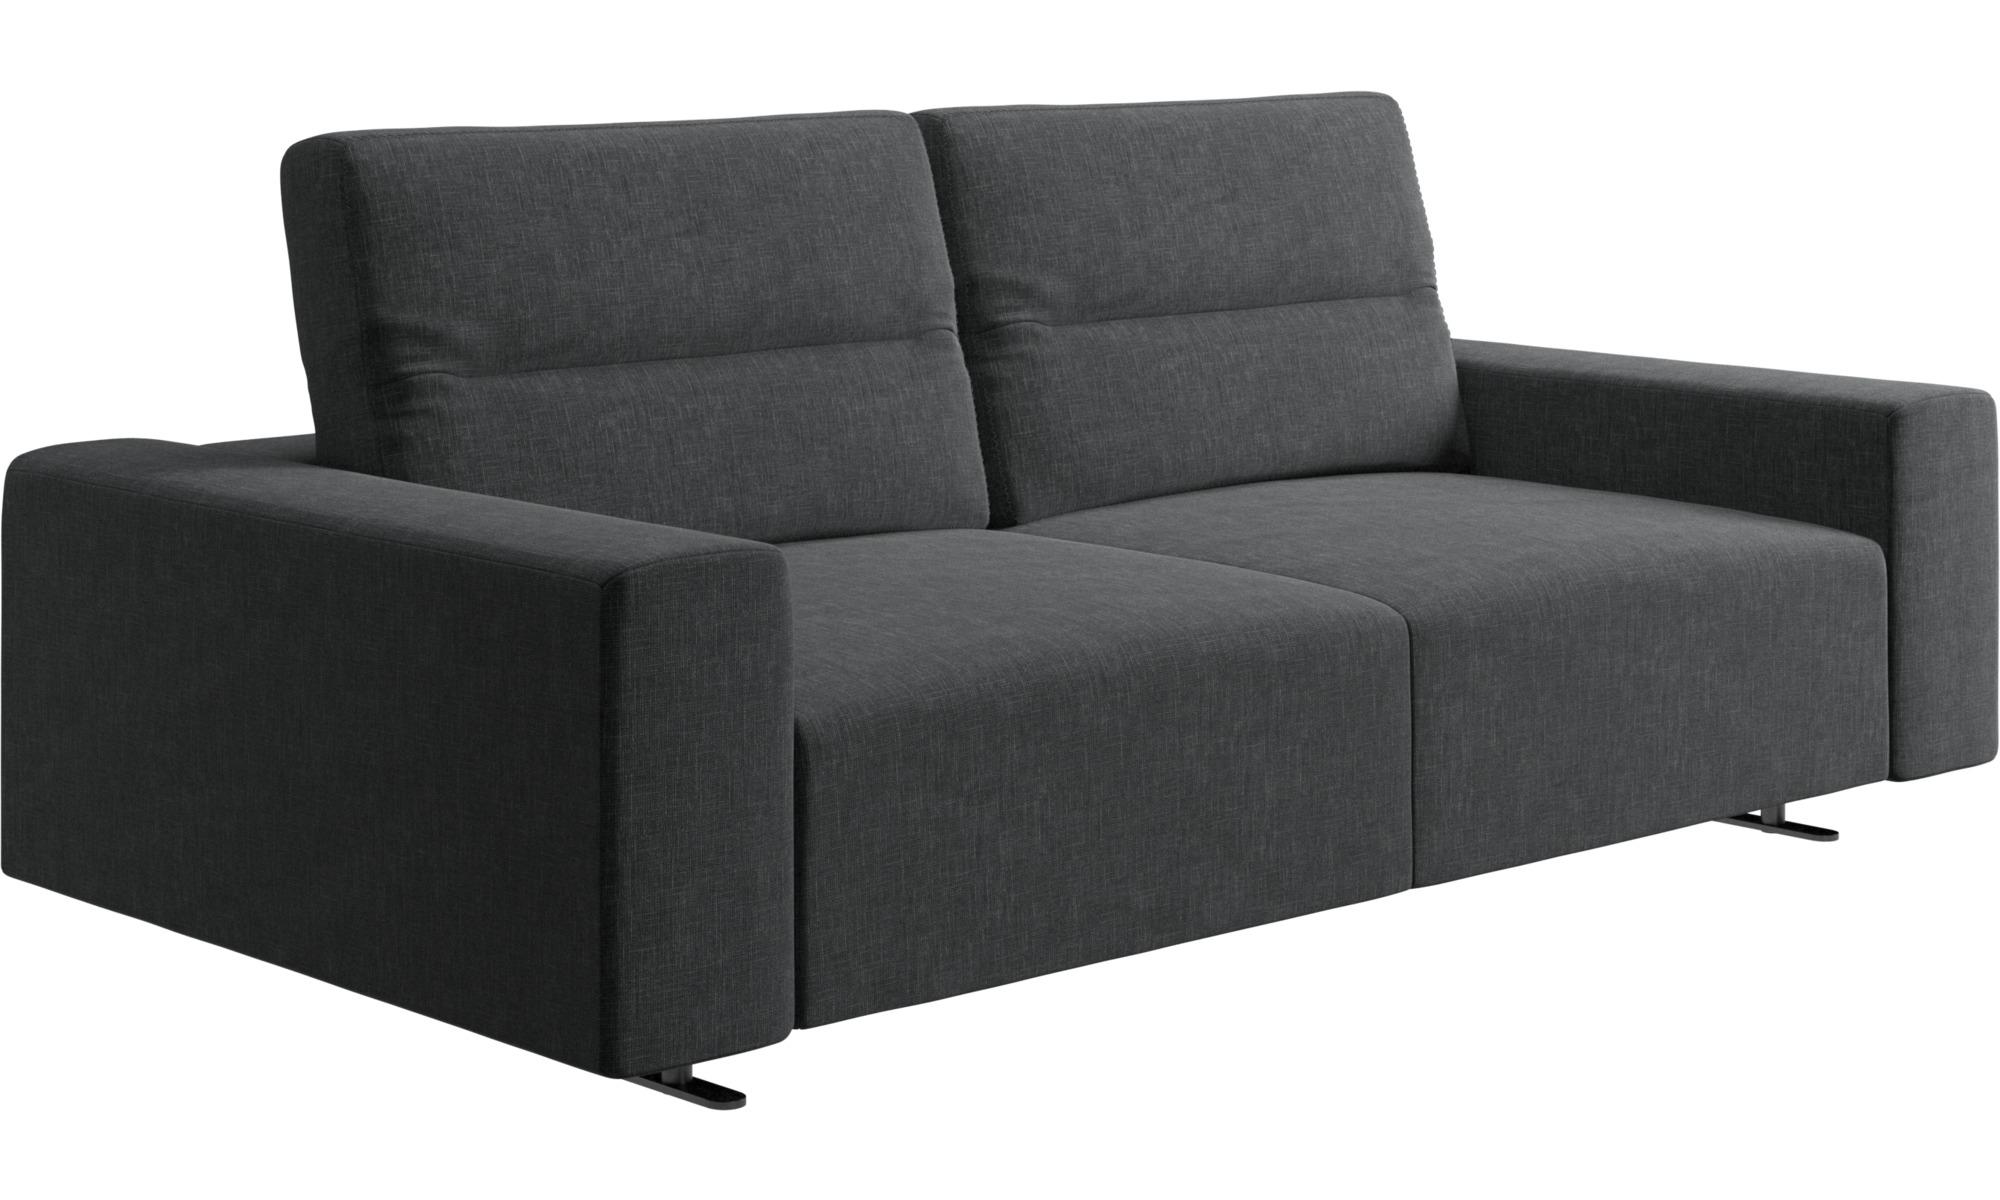 canap s 2 places et demi canap hampton avec dossier ajustable et espace de rangement c t. Black Bedroom Furniture Sets. Home Design Ideas